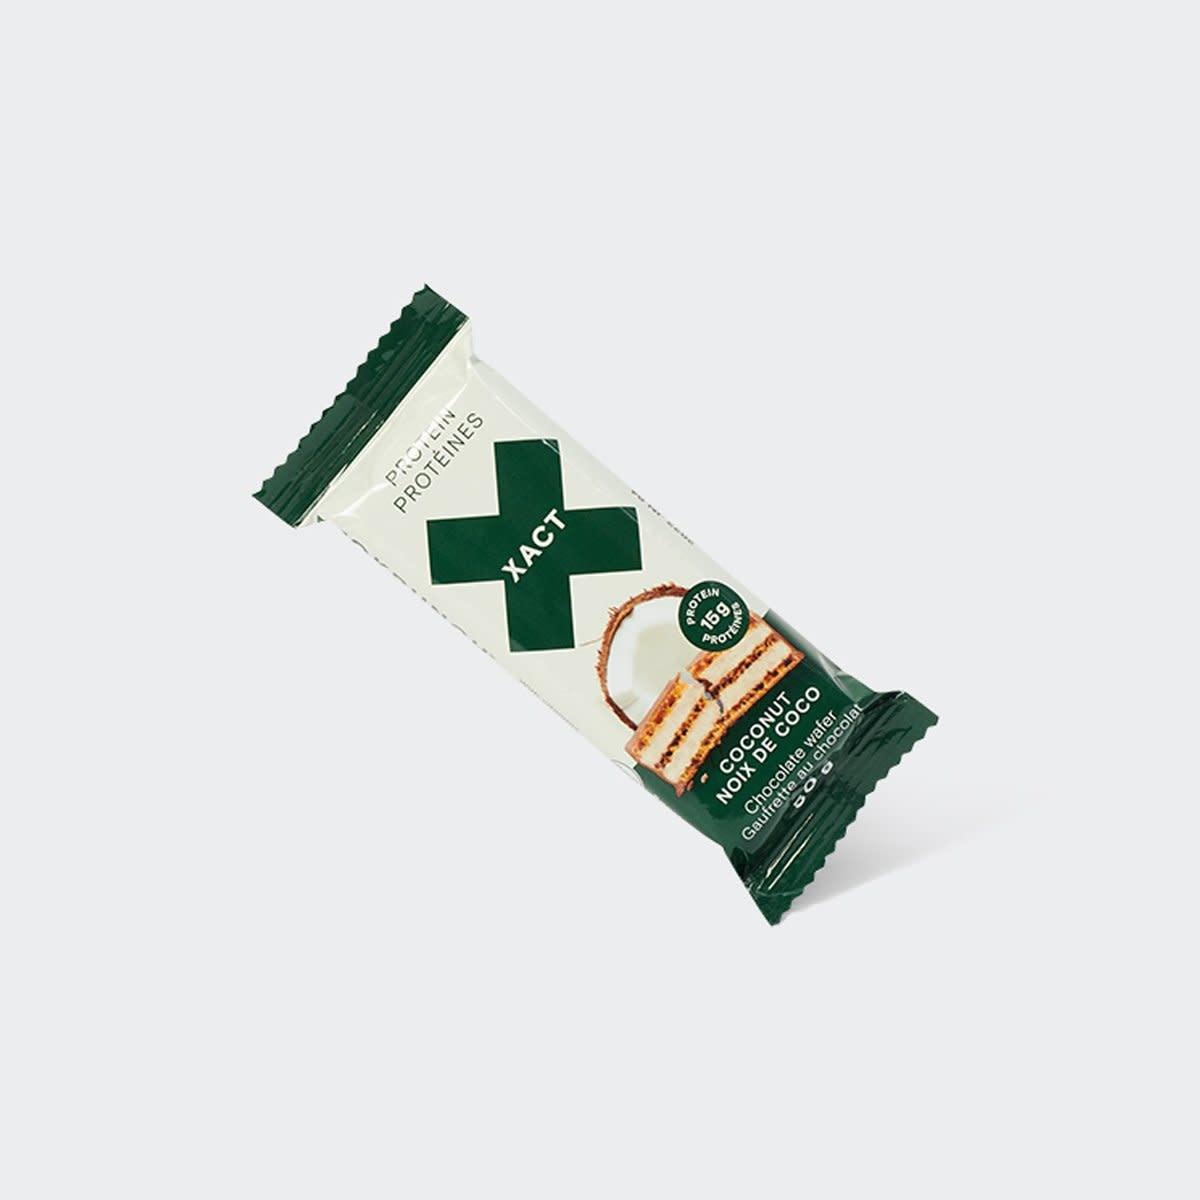 Barre énergétique ProKrunch Chocolat/Noix de coco (Boite de 24) single